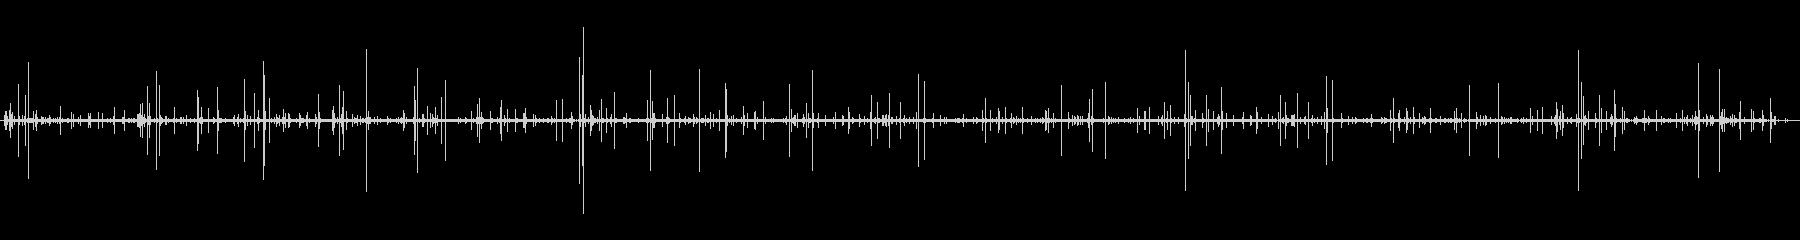 【環境音】焚火01 (バイノーラル録音)の未再生の波形